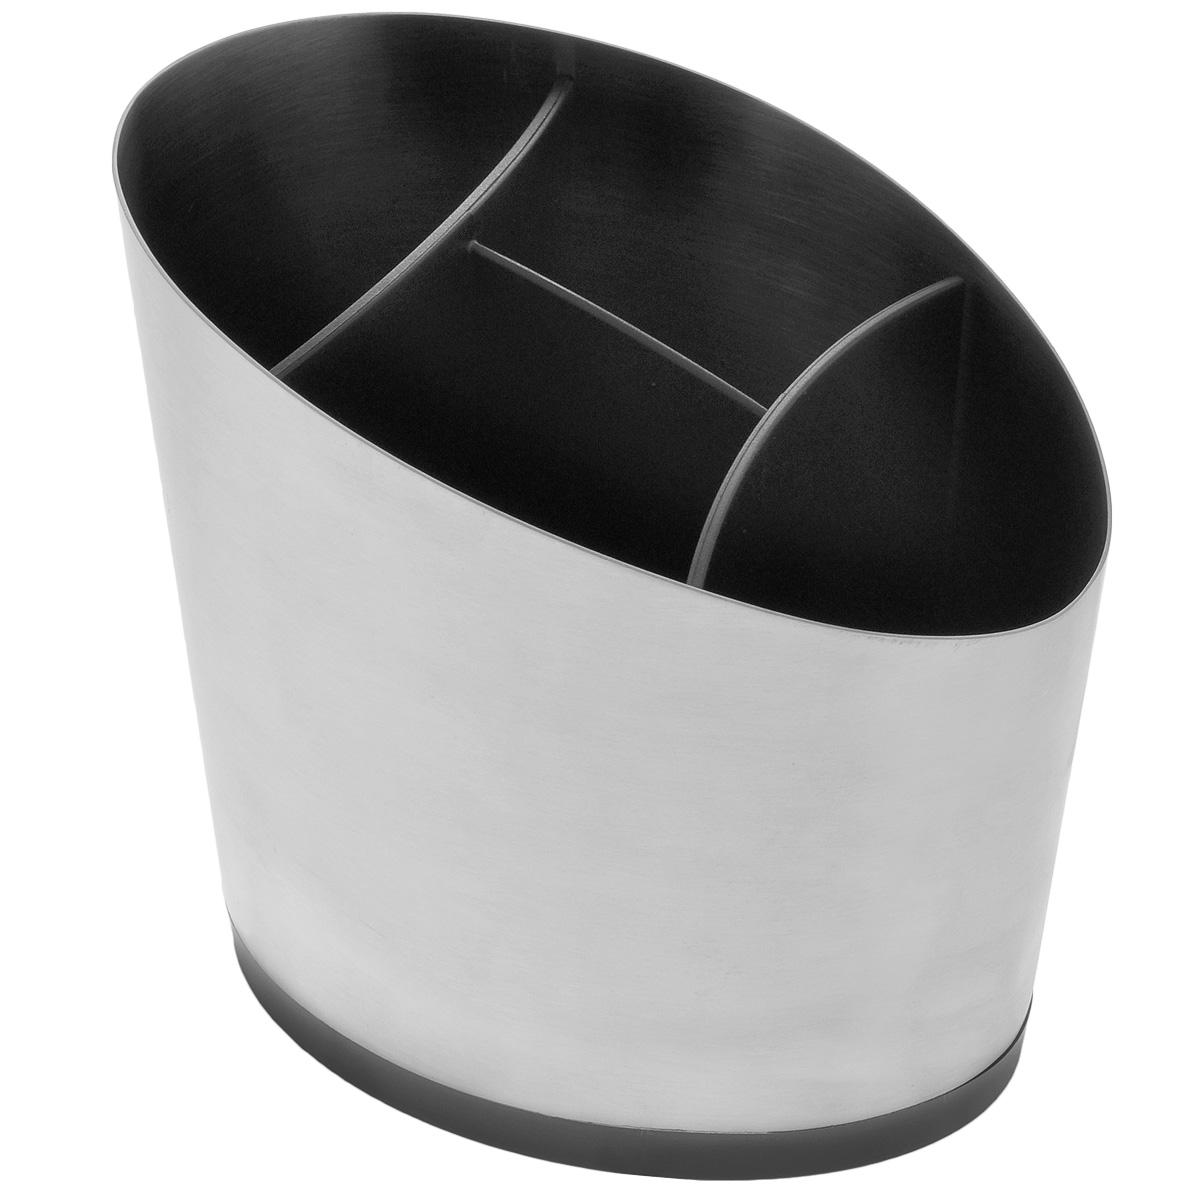 Сушилка для кухонной утвари Tescoma PresidentВетерок 2ГФРоскошная сушилка для кухонной утвари Tescoma President подходит для сушки и хранения кухонной утвари, столовых приборов и т.д. Изготовлена из высококачественной нержавеющей стали с матовой полировкой и прочной пластмассы. Пластиковый вкладыш содержит 4 секции для удобного раздельного хранения, дно оснащено специальными отверстиями, через которые вода стекает вниз. Разборная конструкция для легкой очистки. Можно мыть в посудомоечной машине.